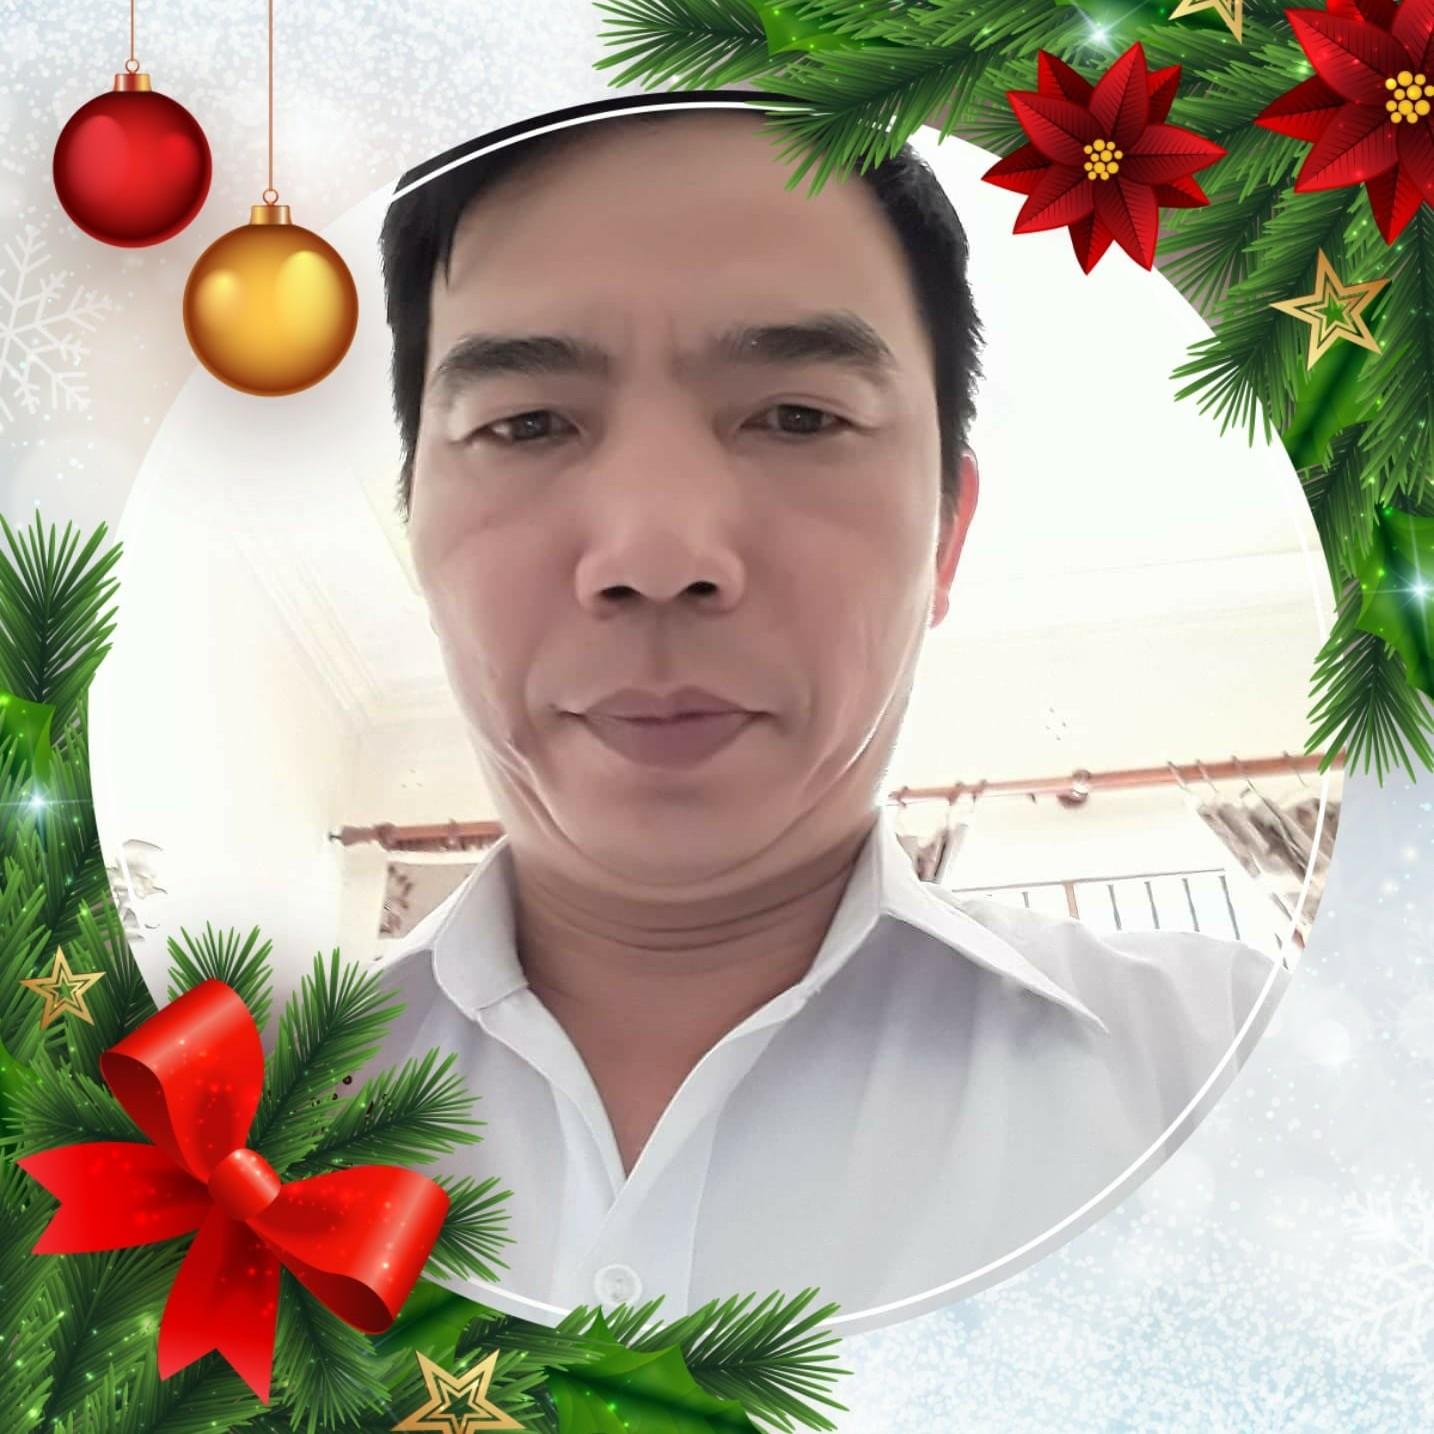 Van Phuong Dinh